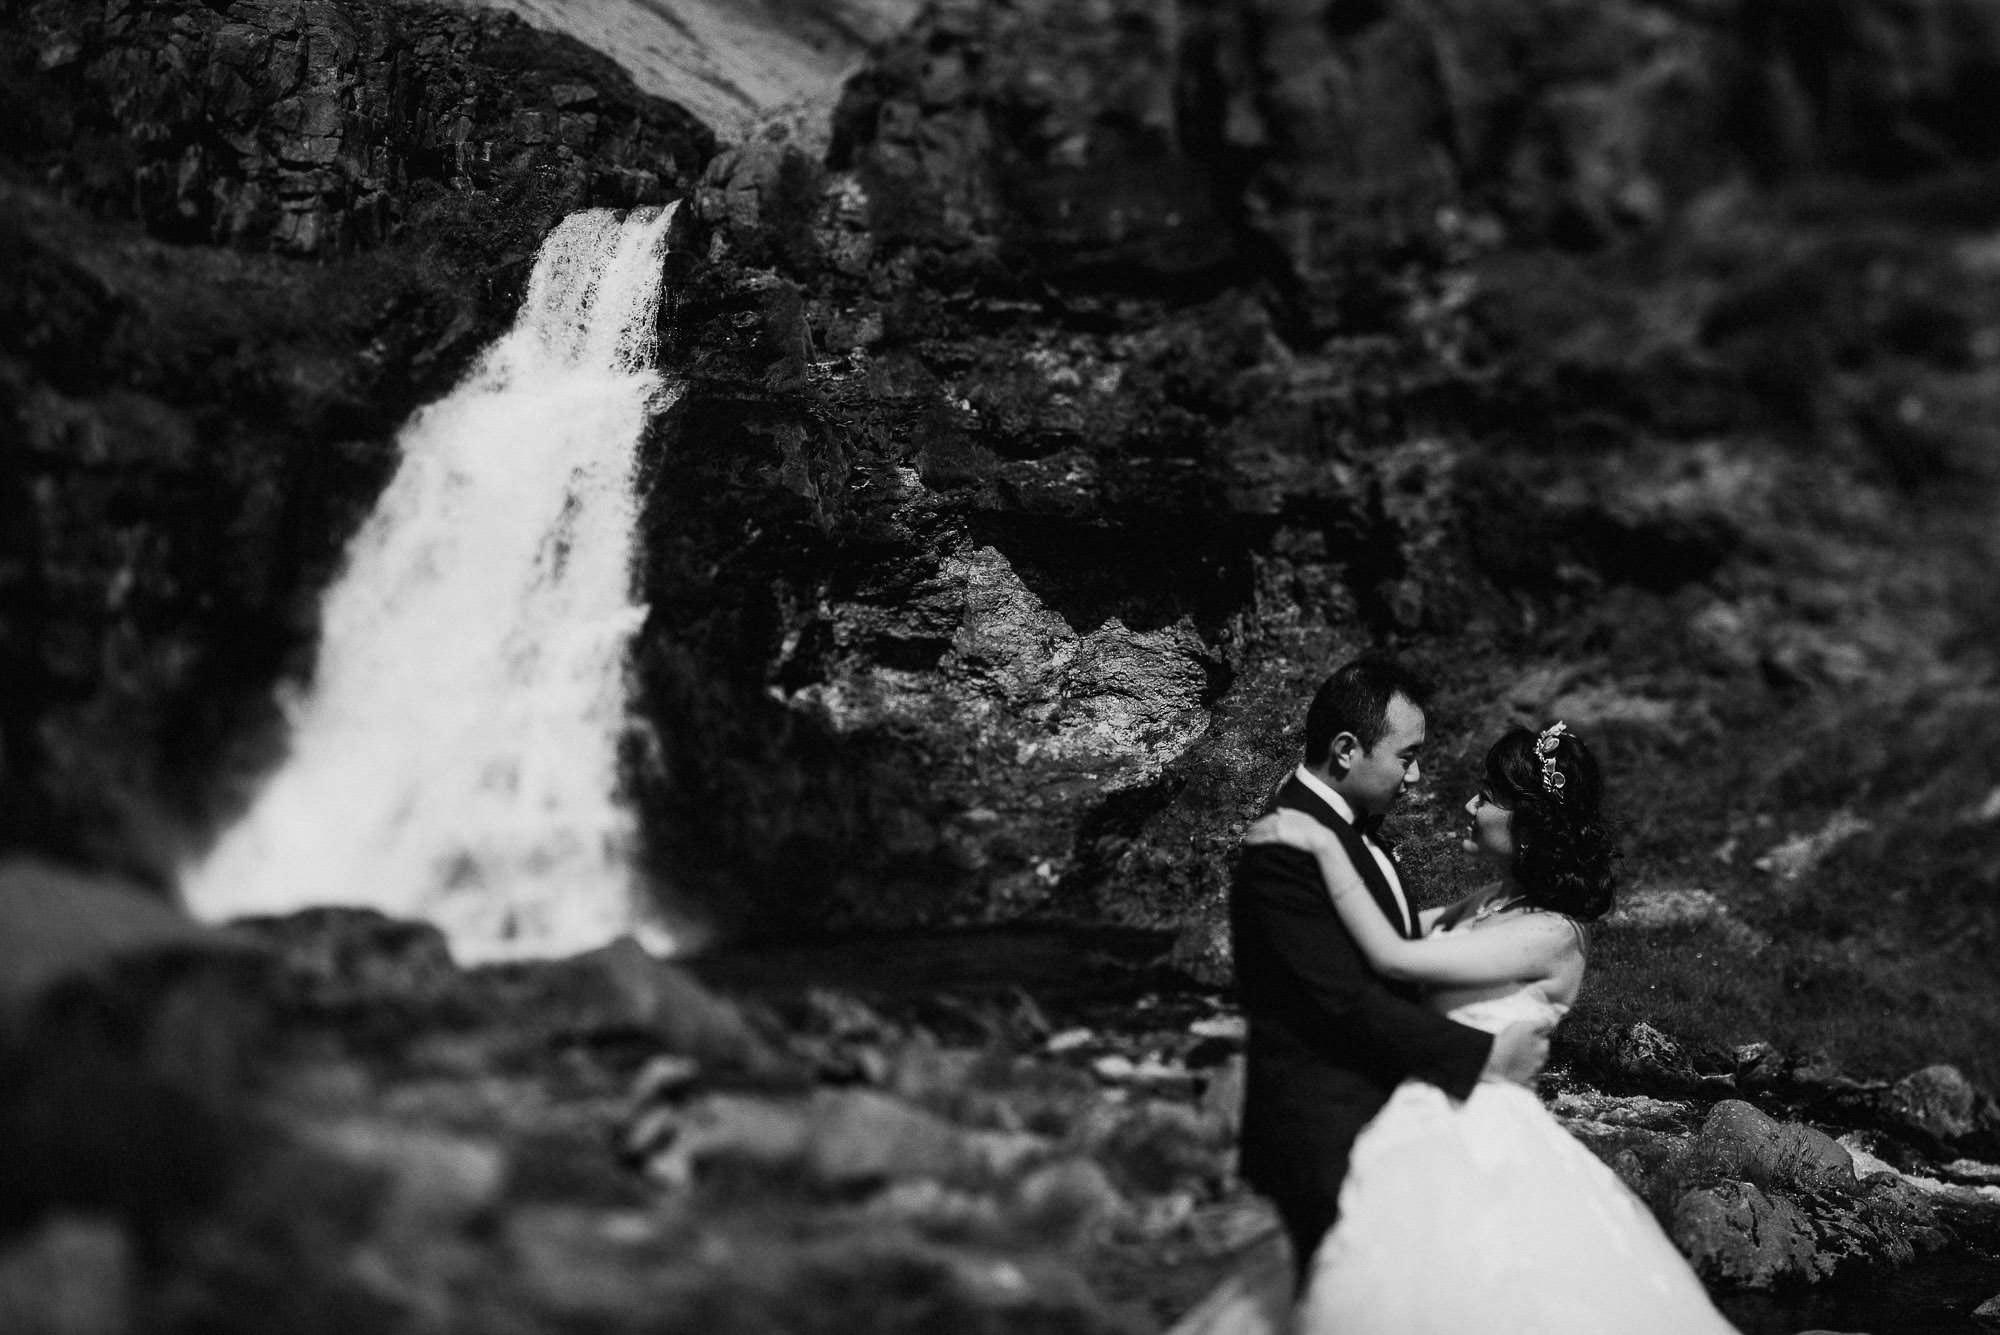 iceland-wedding-photographer_jere-satamo_photography-reykjavik-035.jpg